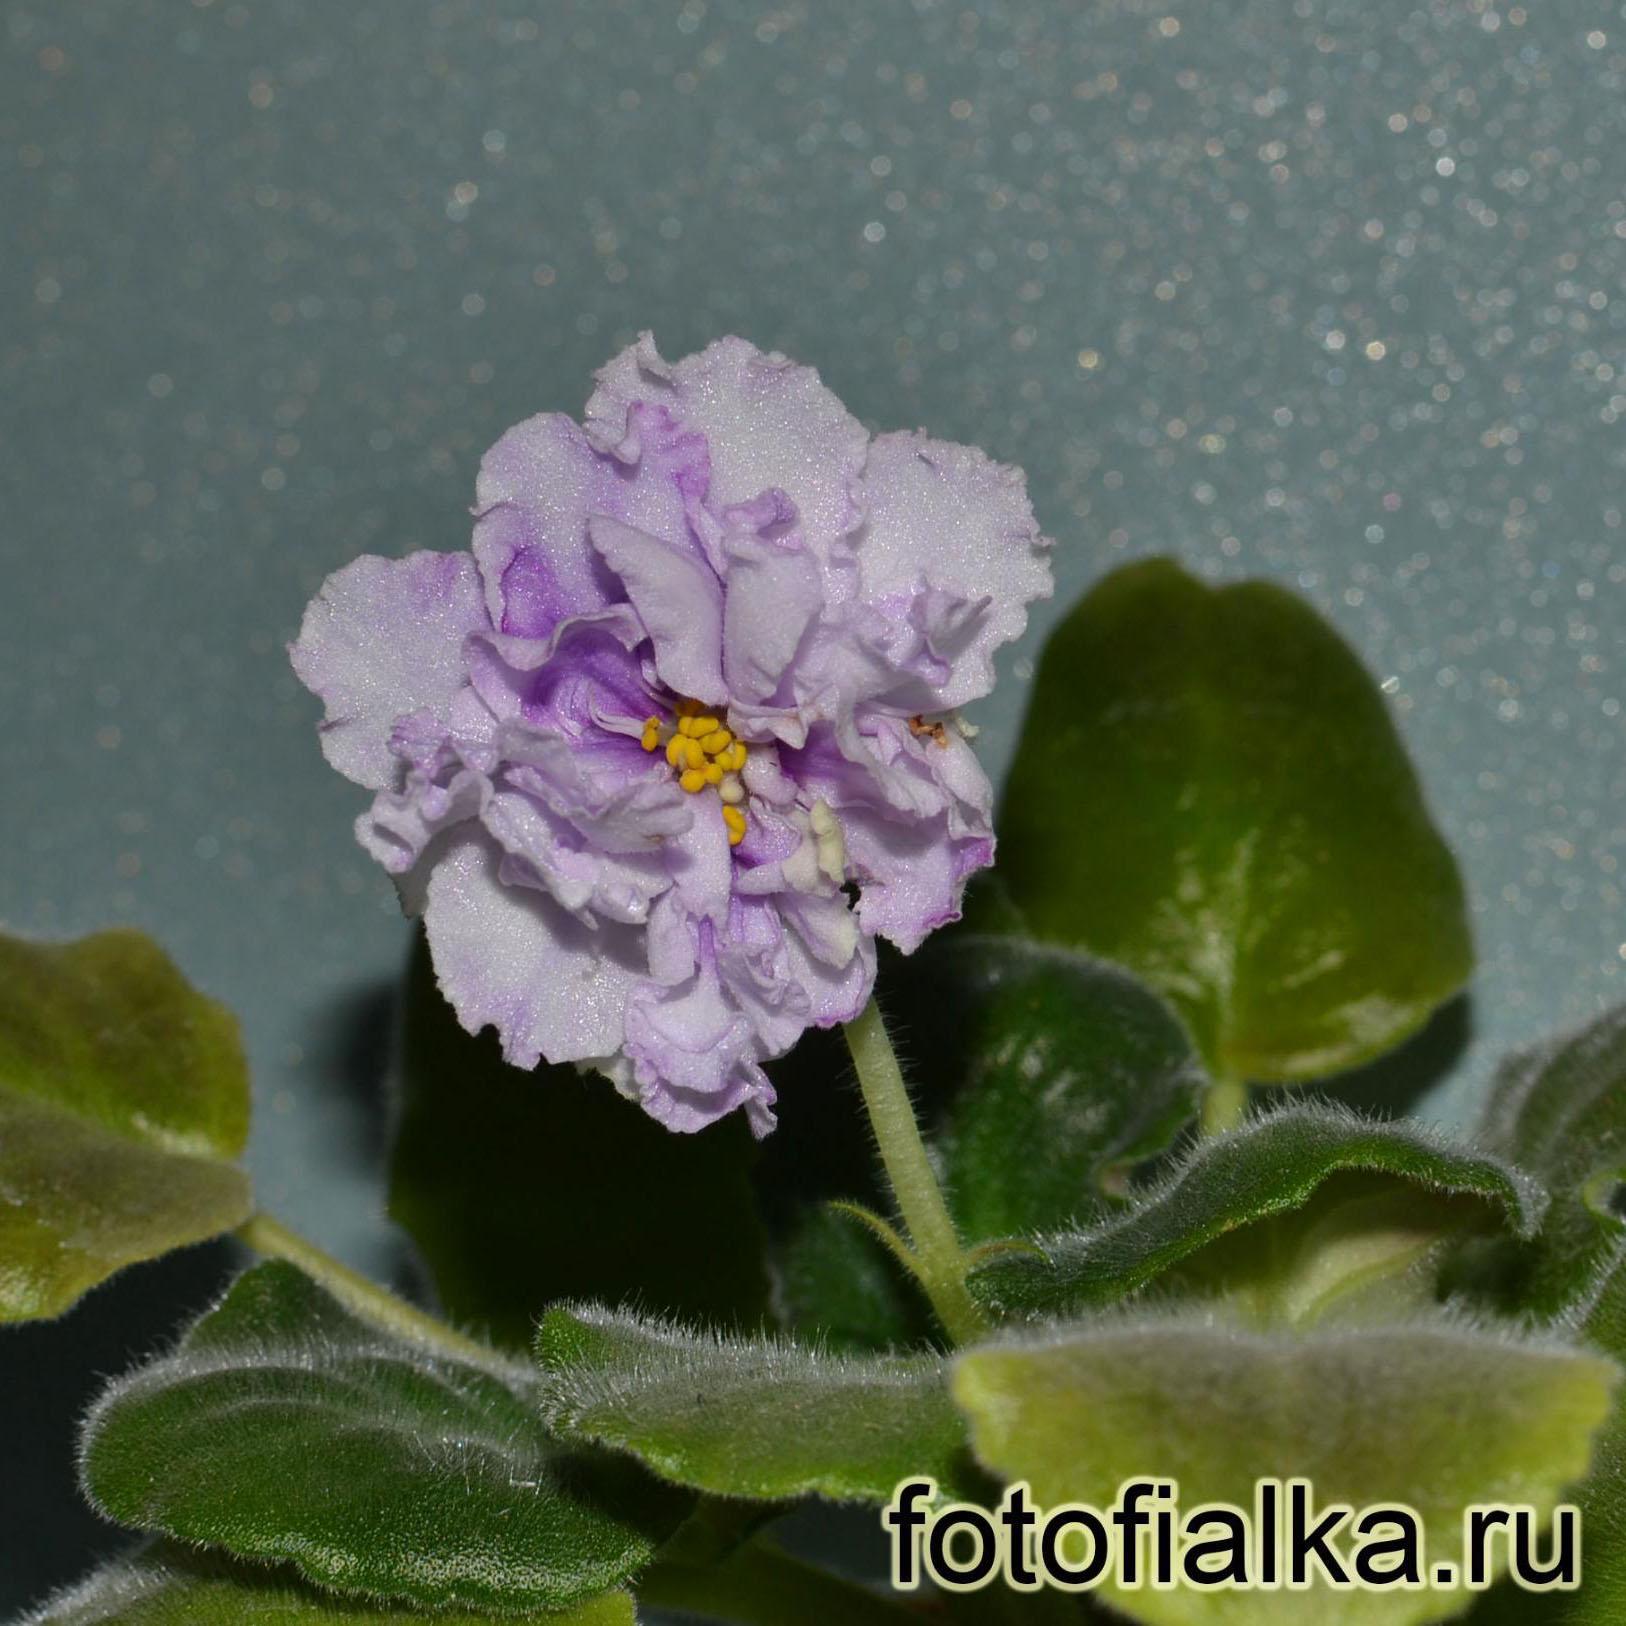 ЛЕ-Пломбир С Черникой (Е. Лебецкая)